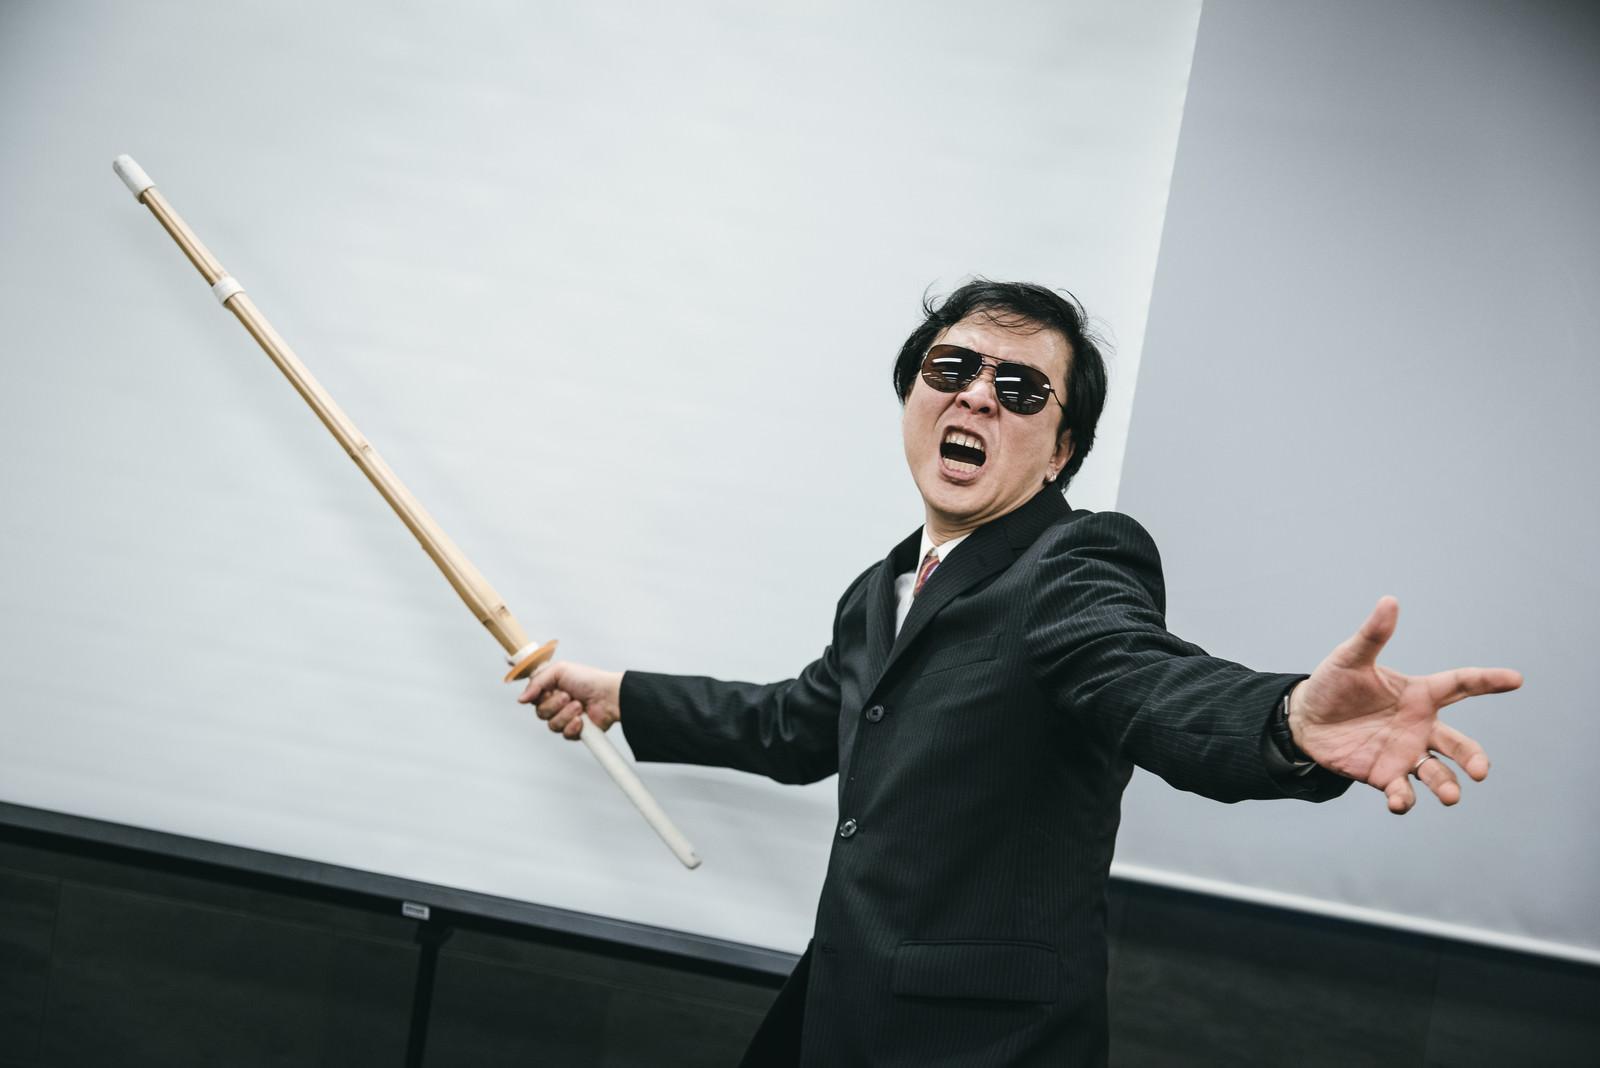 「竹刀を持った鬼教官」の写真[モデル:のせさん]